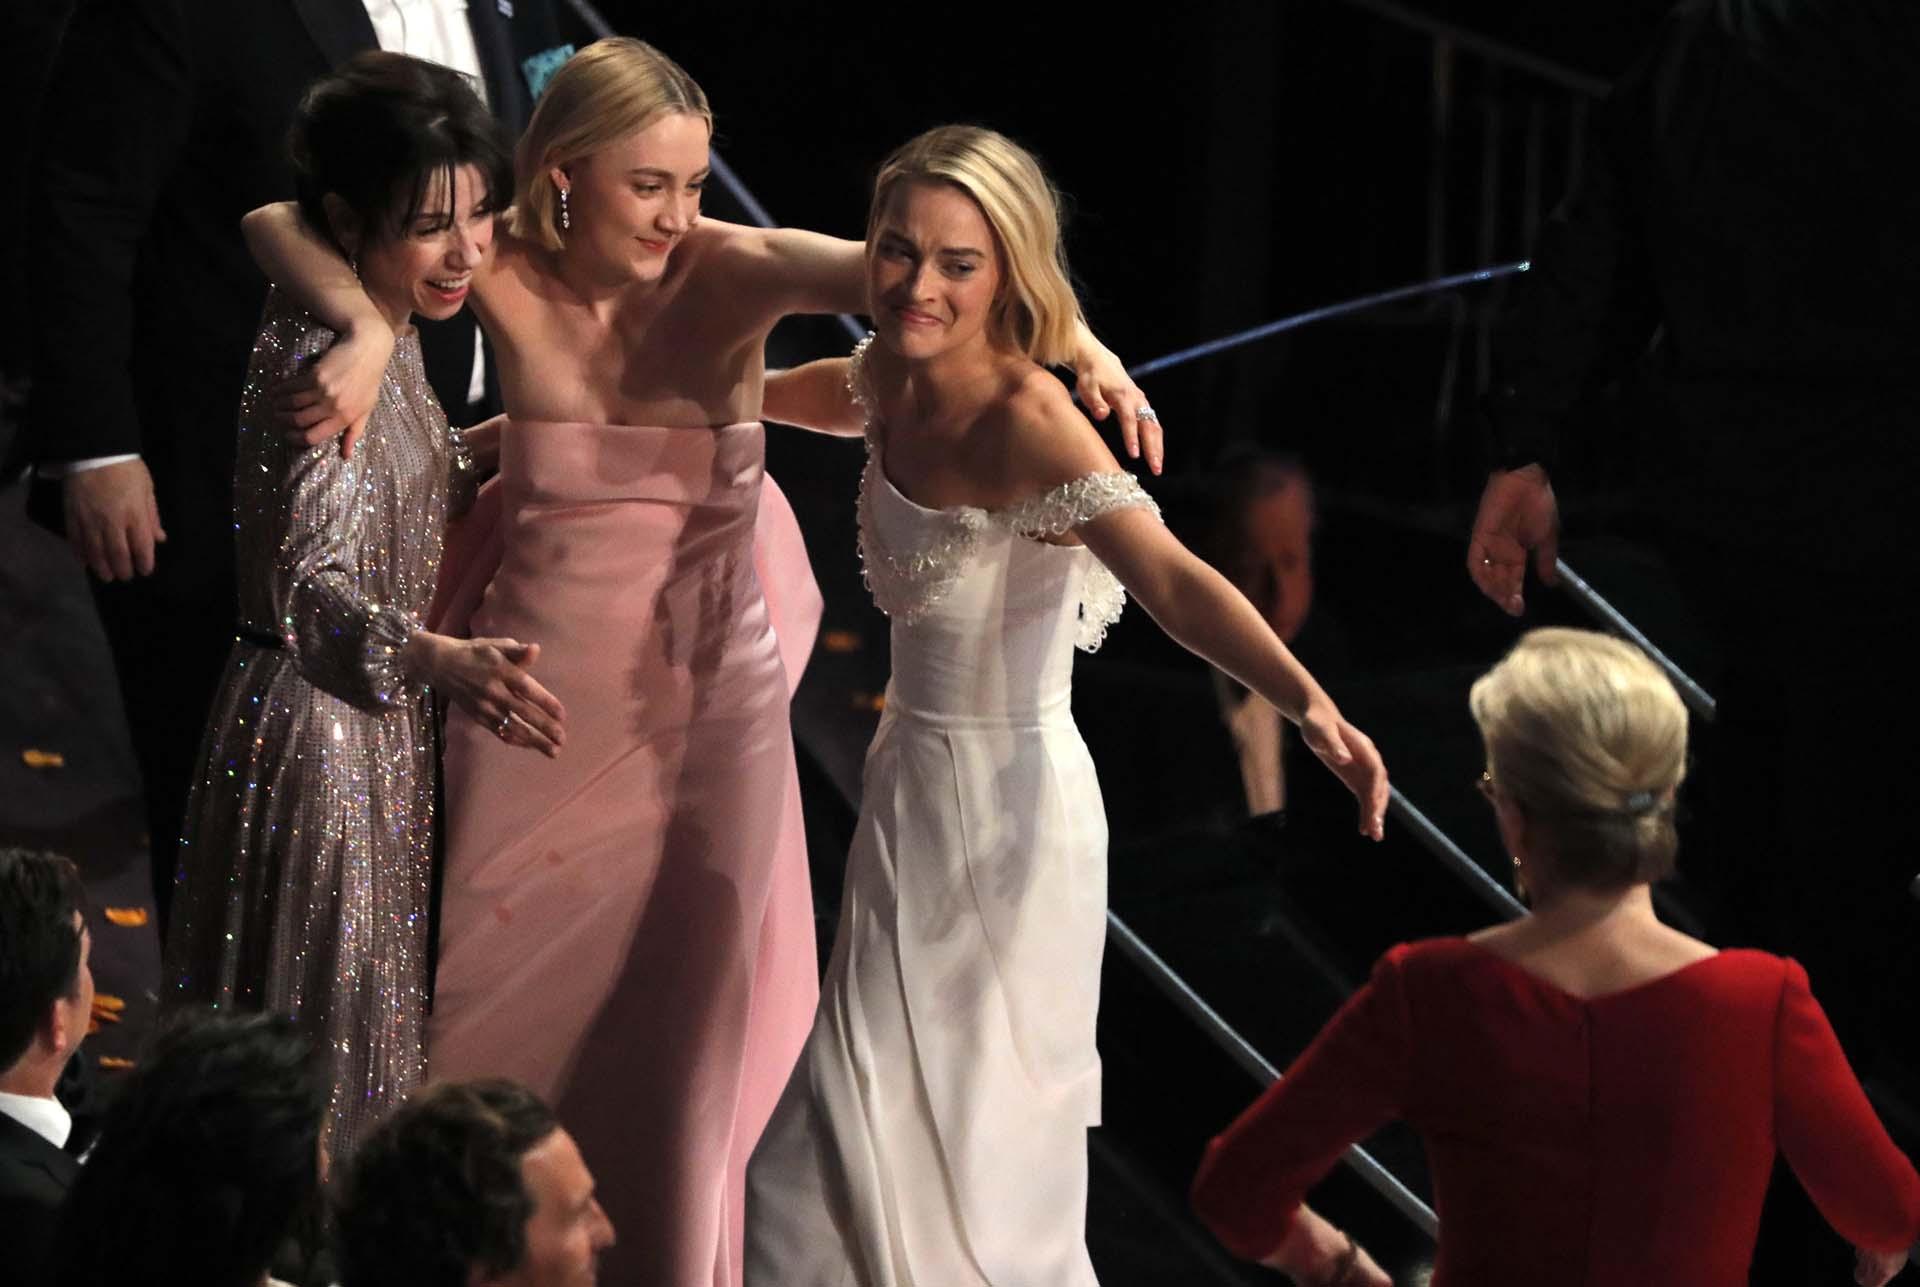 Sally Hawkins, Saoirse Ronan y Margot Robbie llaman a Meryl Streep para darse ánimo tras perder en la categoría Mejor Actrizcon Frances McDormand's